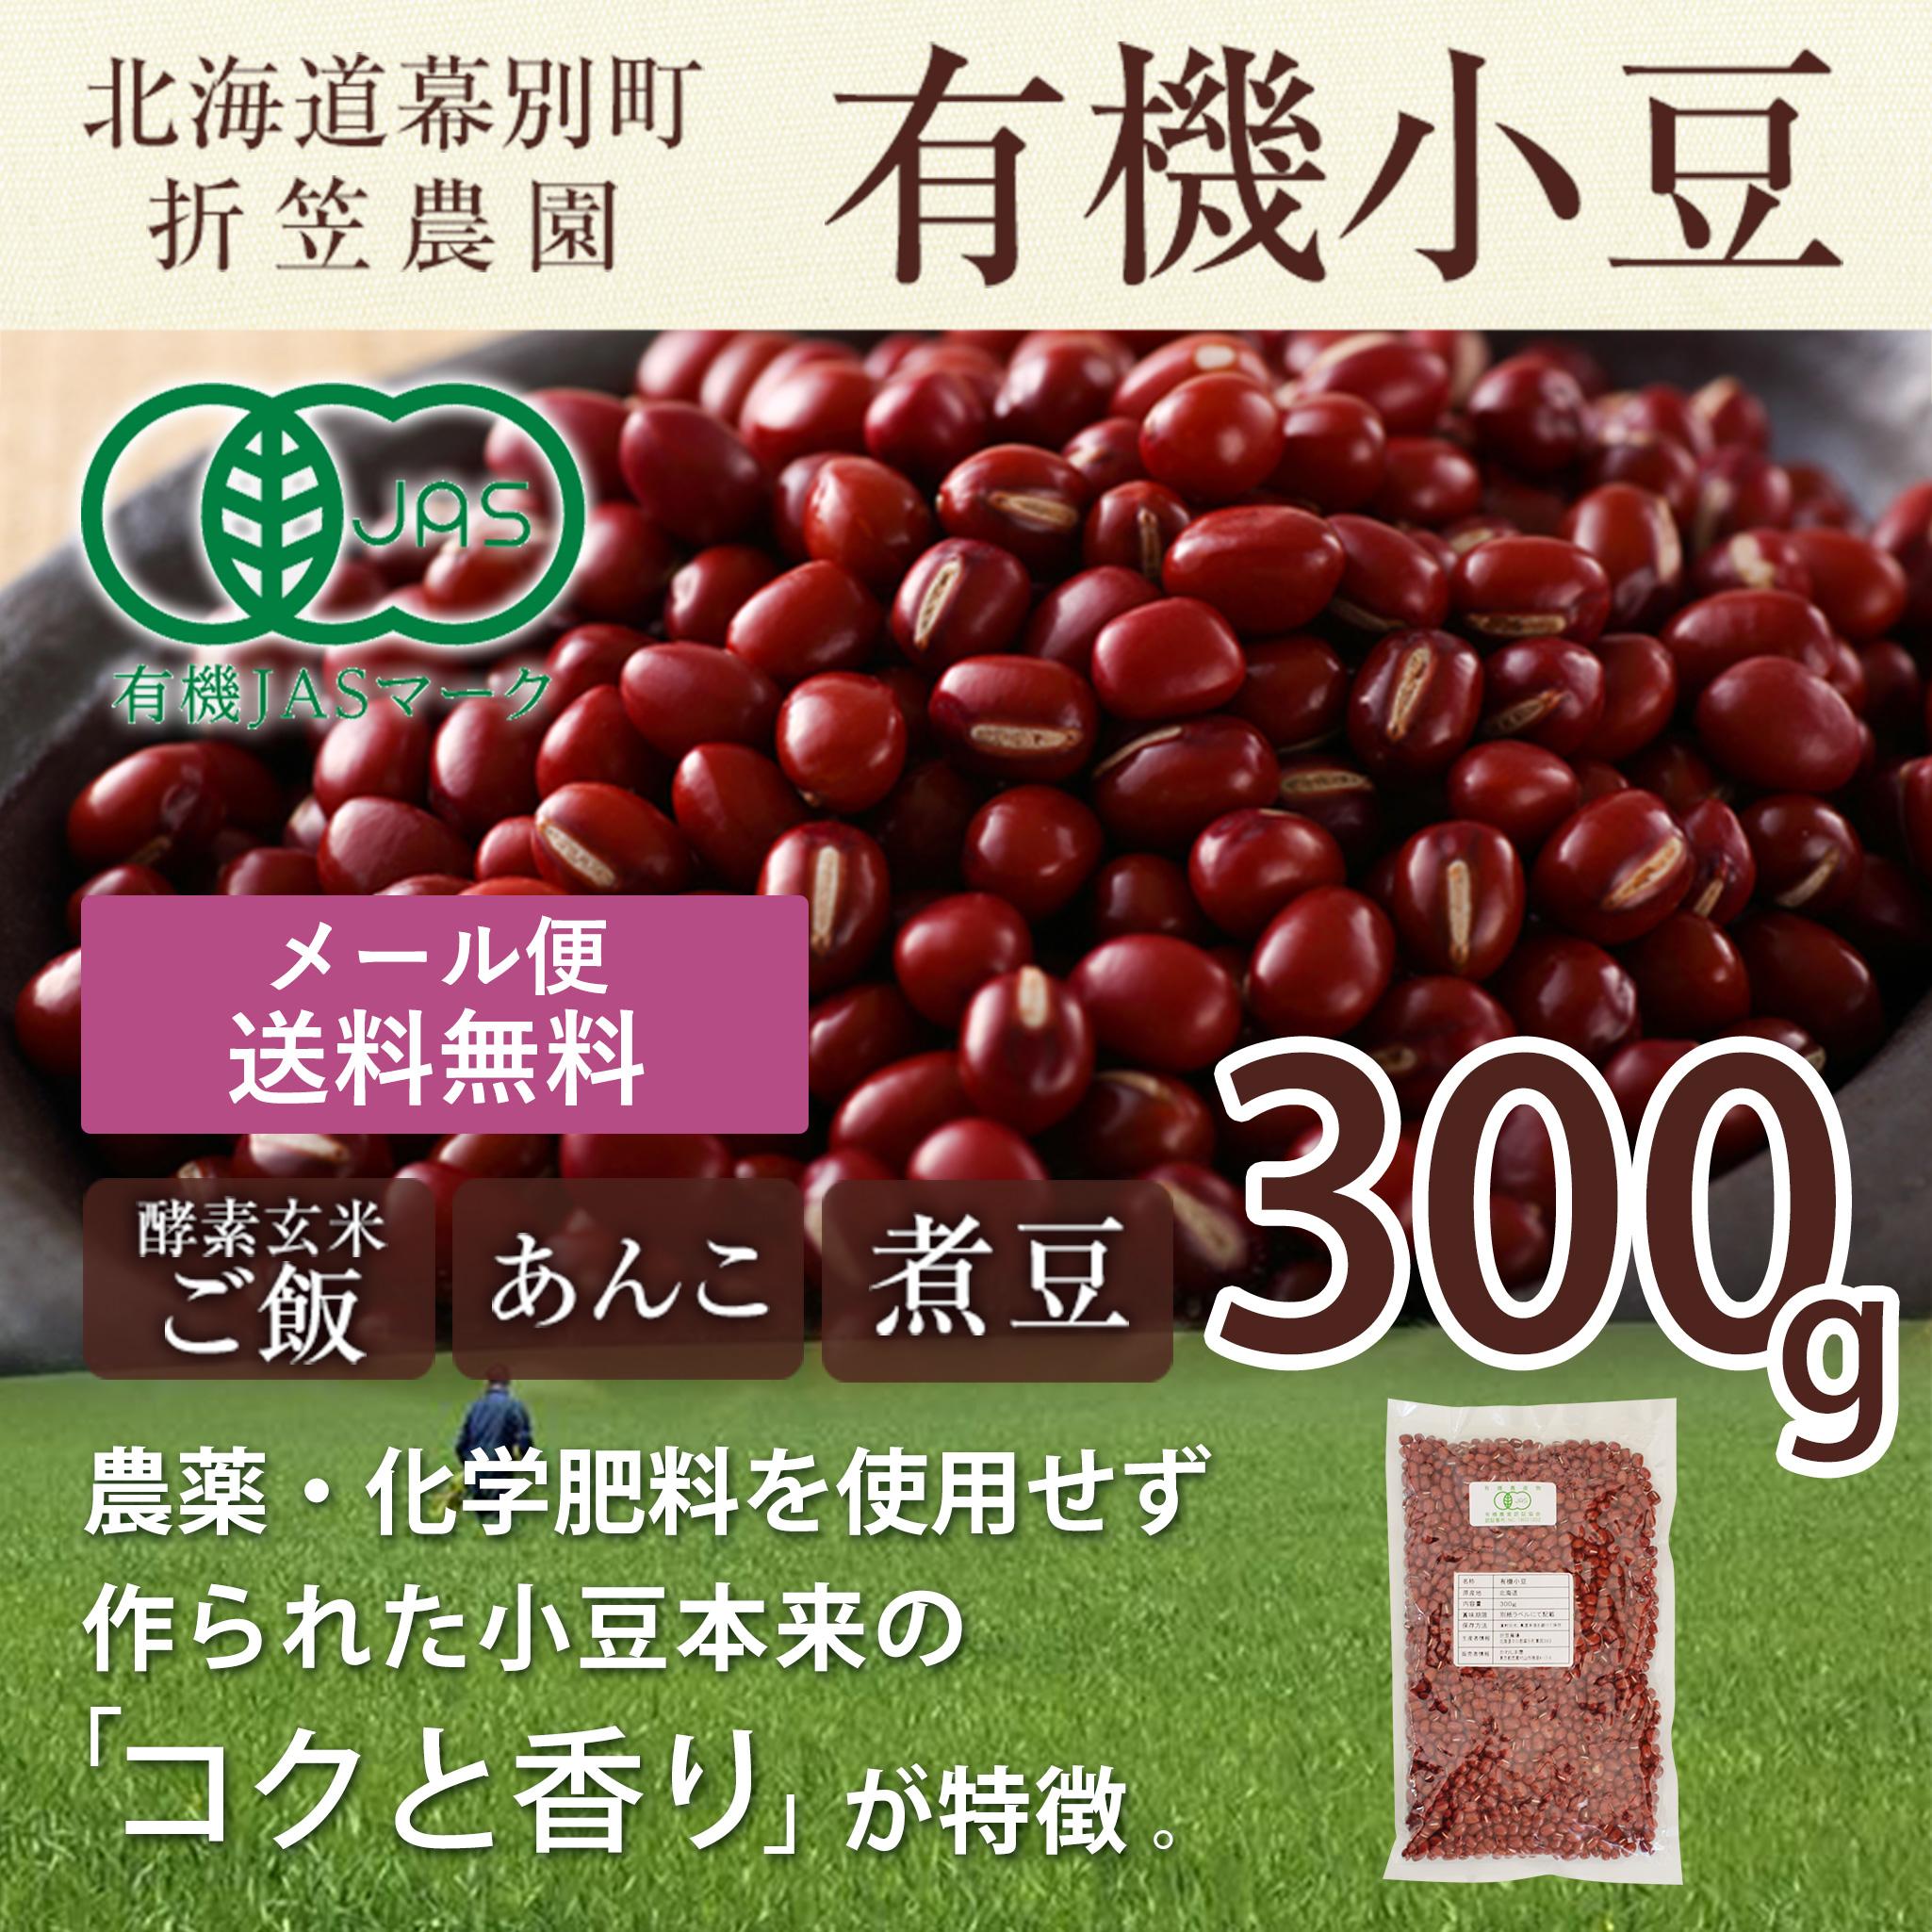 有機小豆「えりも小豆」300g